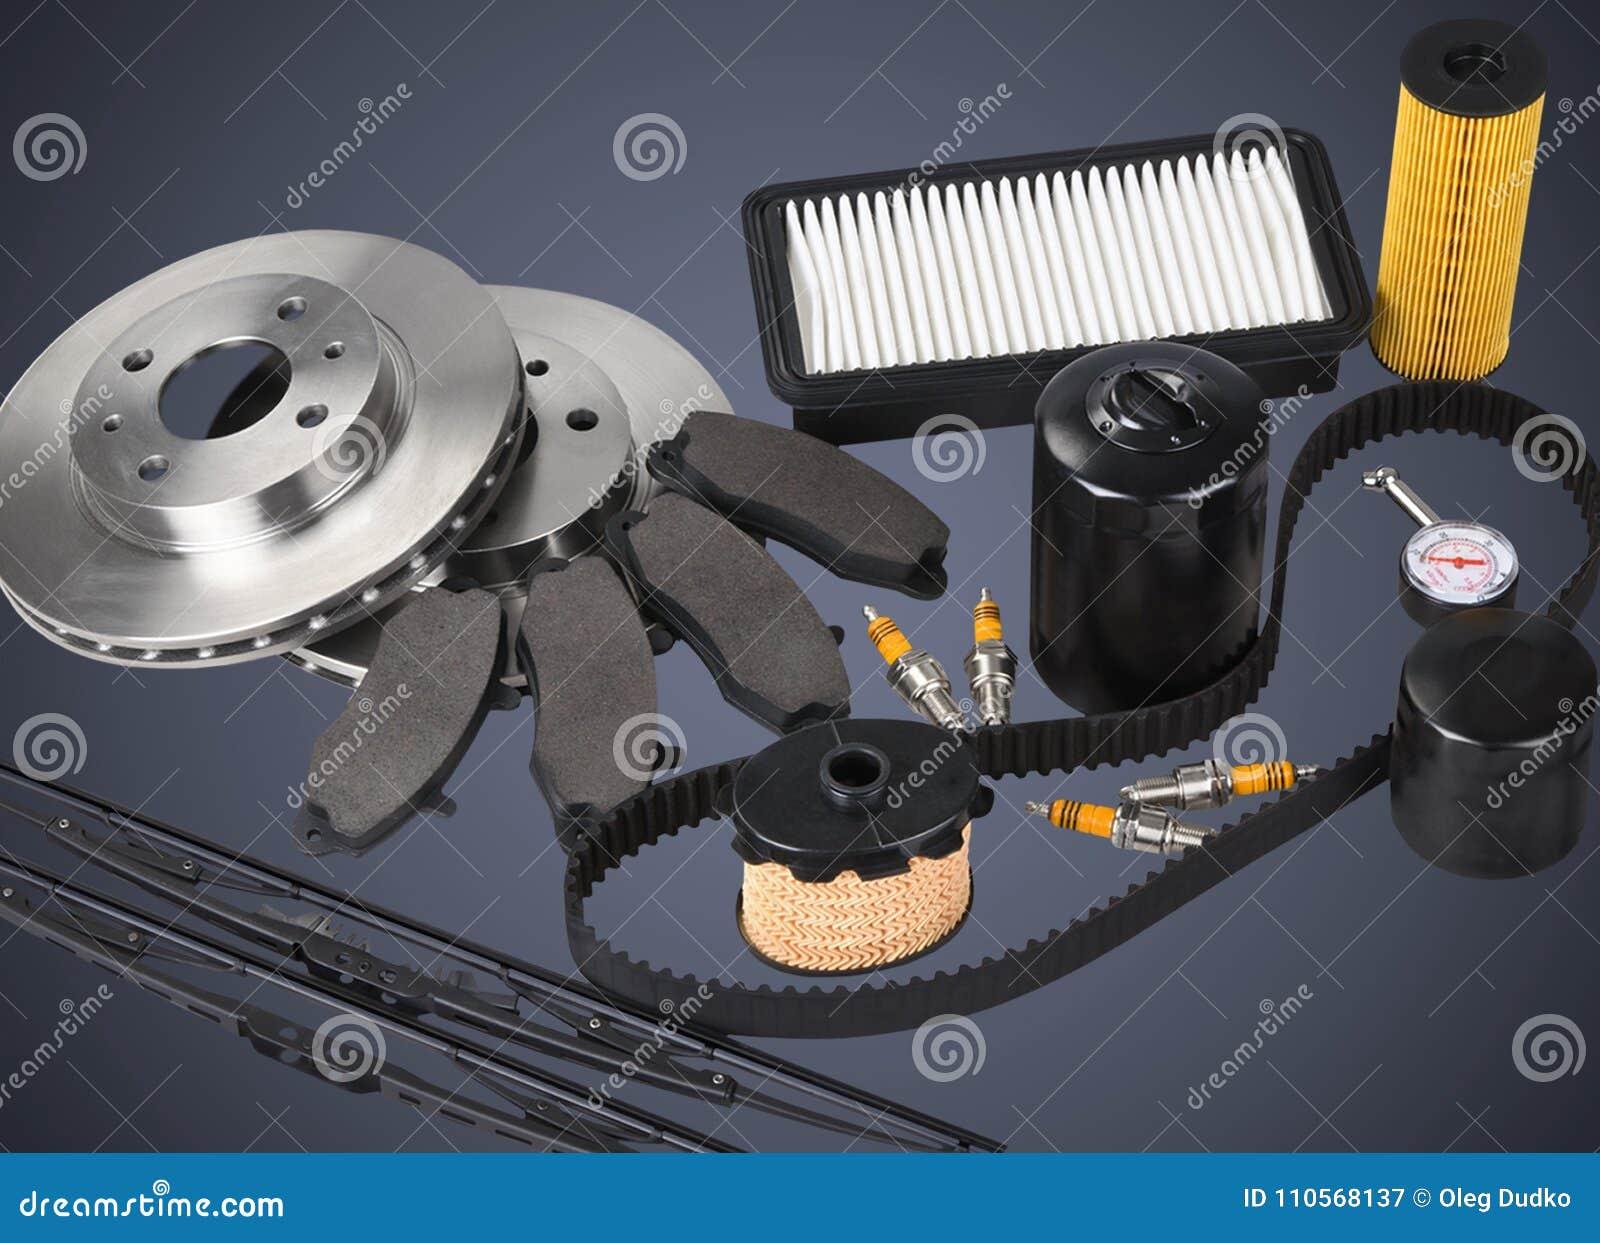 Счищатели, воздушные фильтры, свечи зажигания, пояс кулачка и